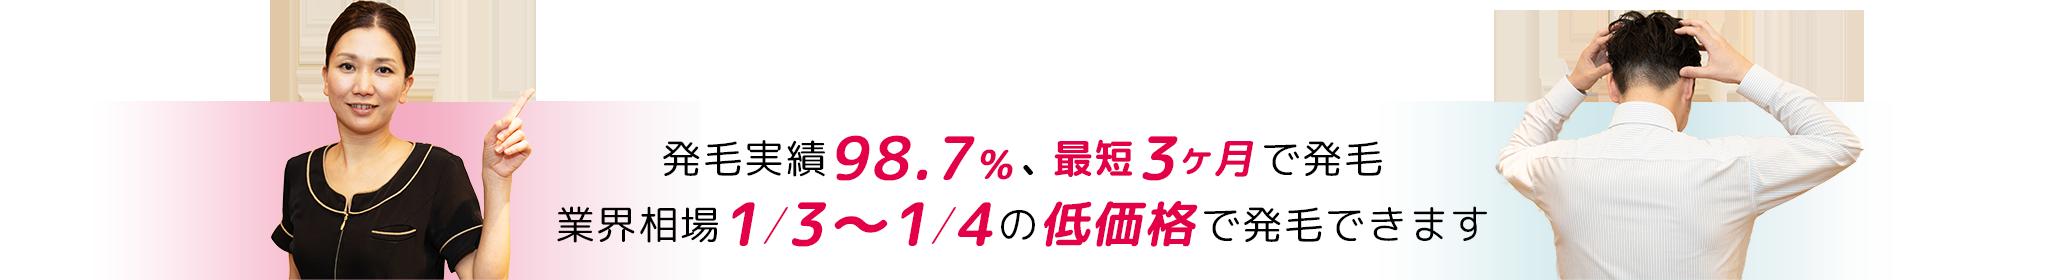 発毛実績98.7%、最短3ヶ月で発毛。業界相場1/3~1/4の低価格で発毛できます